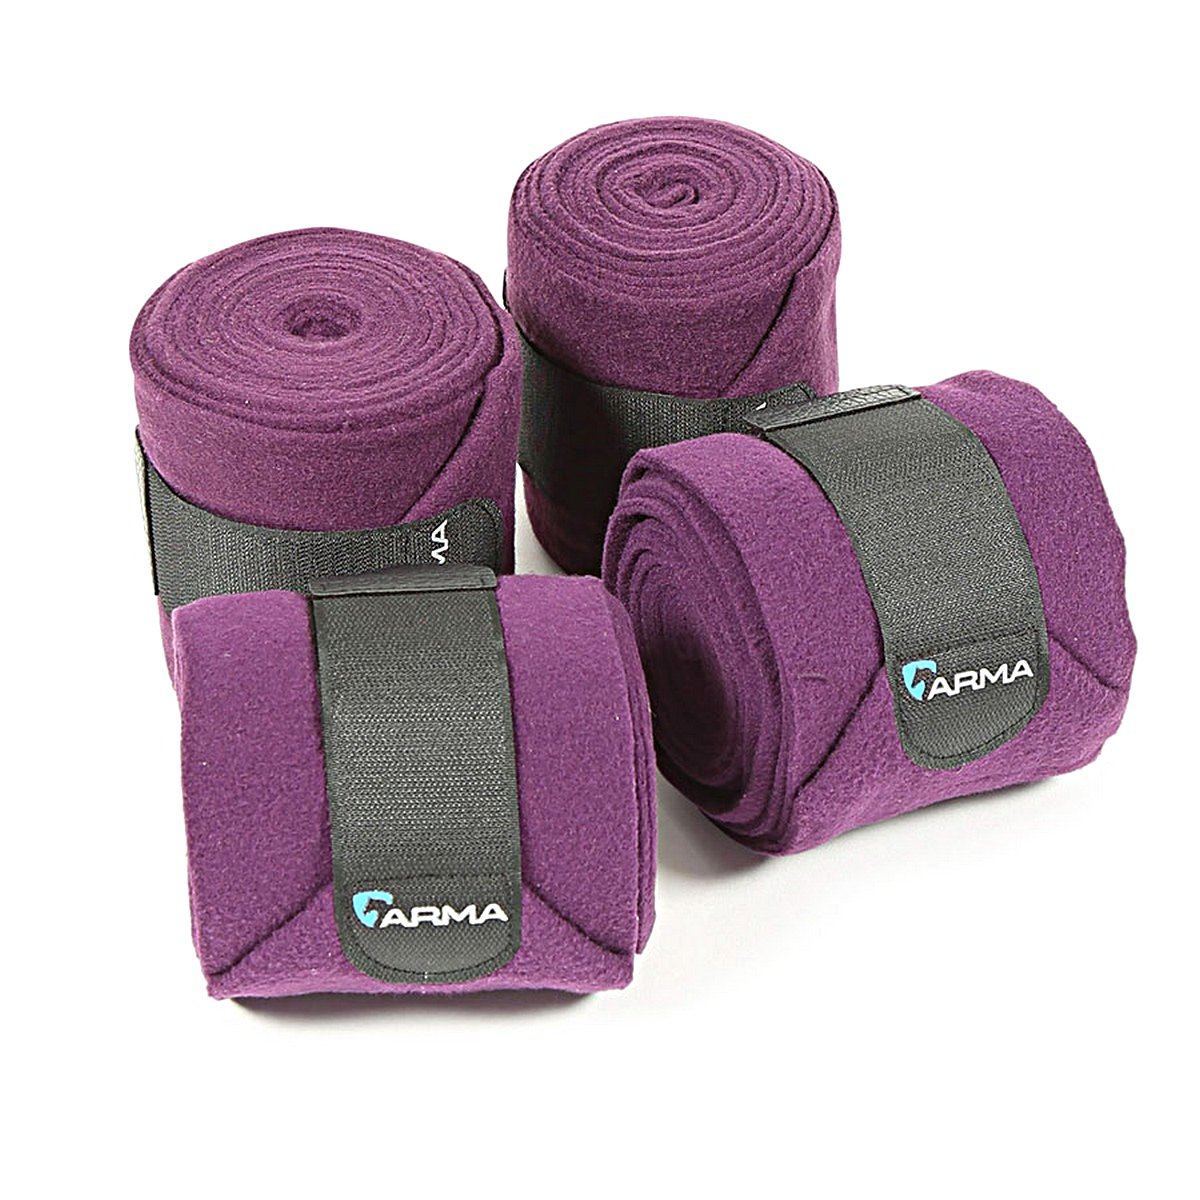 Afbeelding van Arma Bandages Fleece Plum One Size